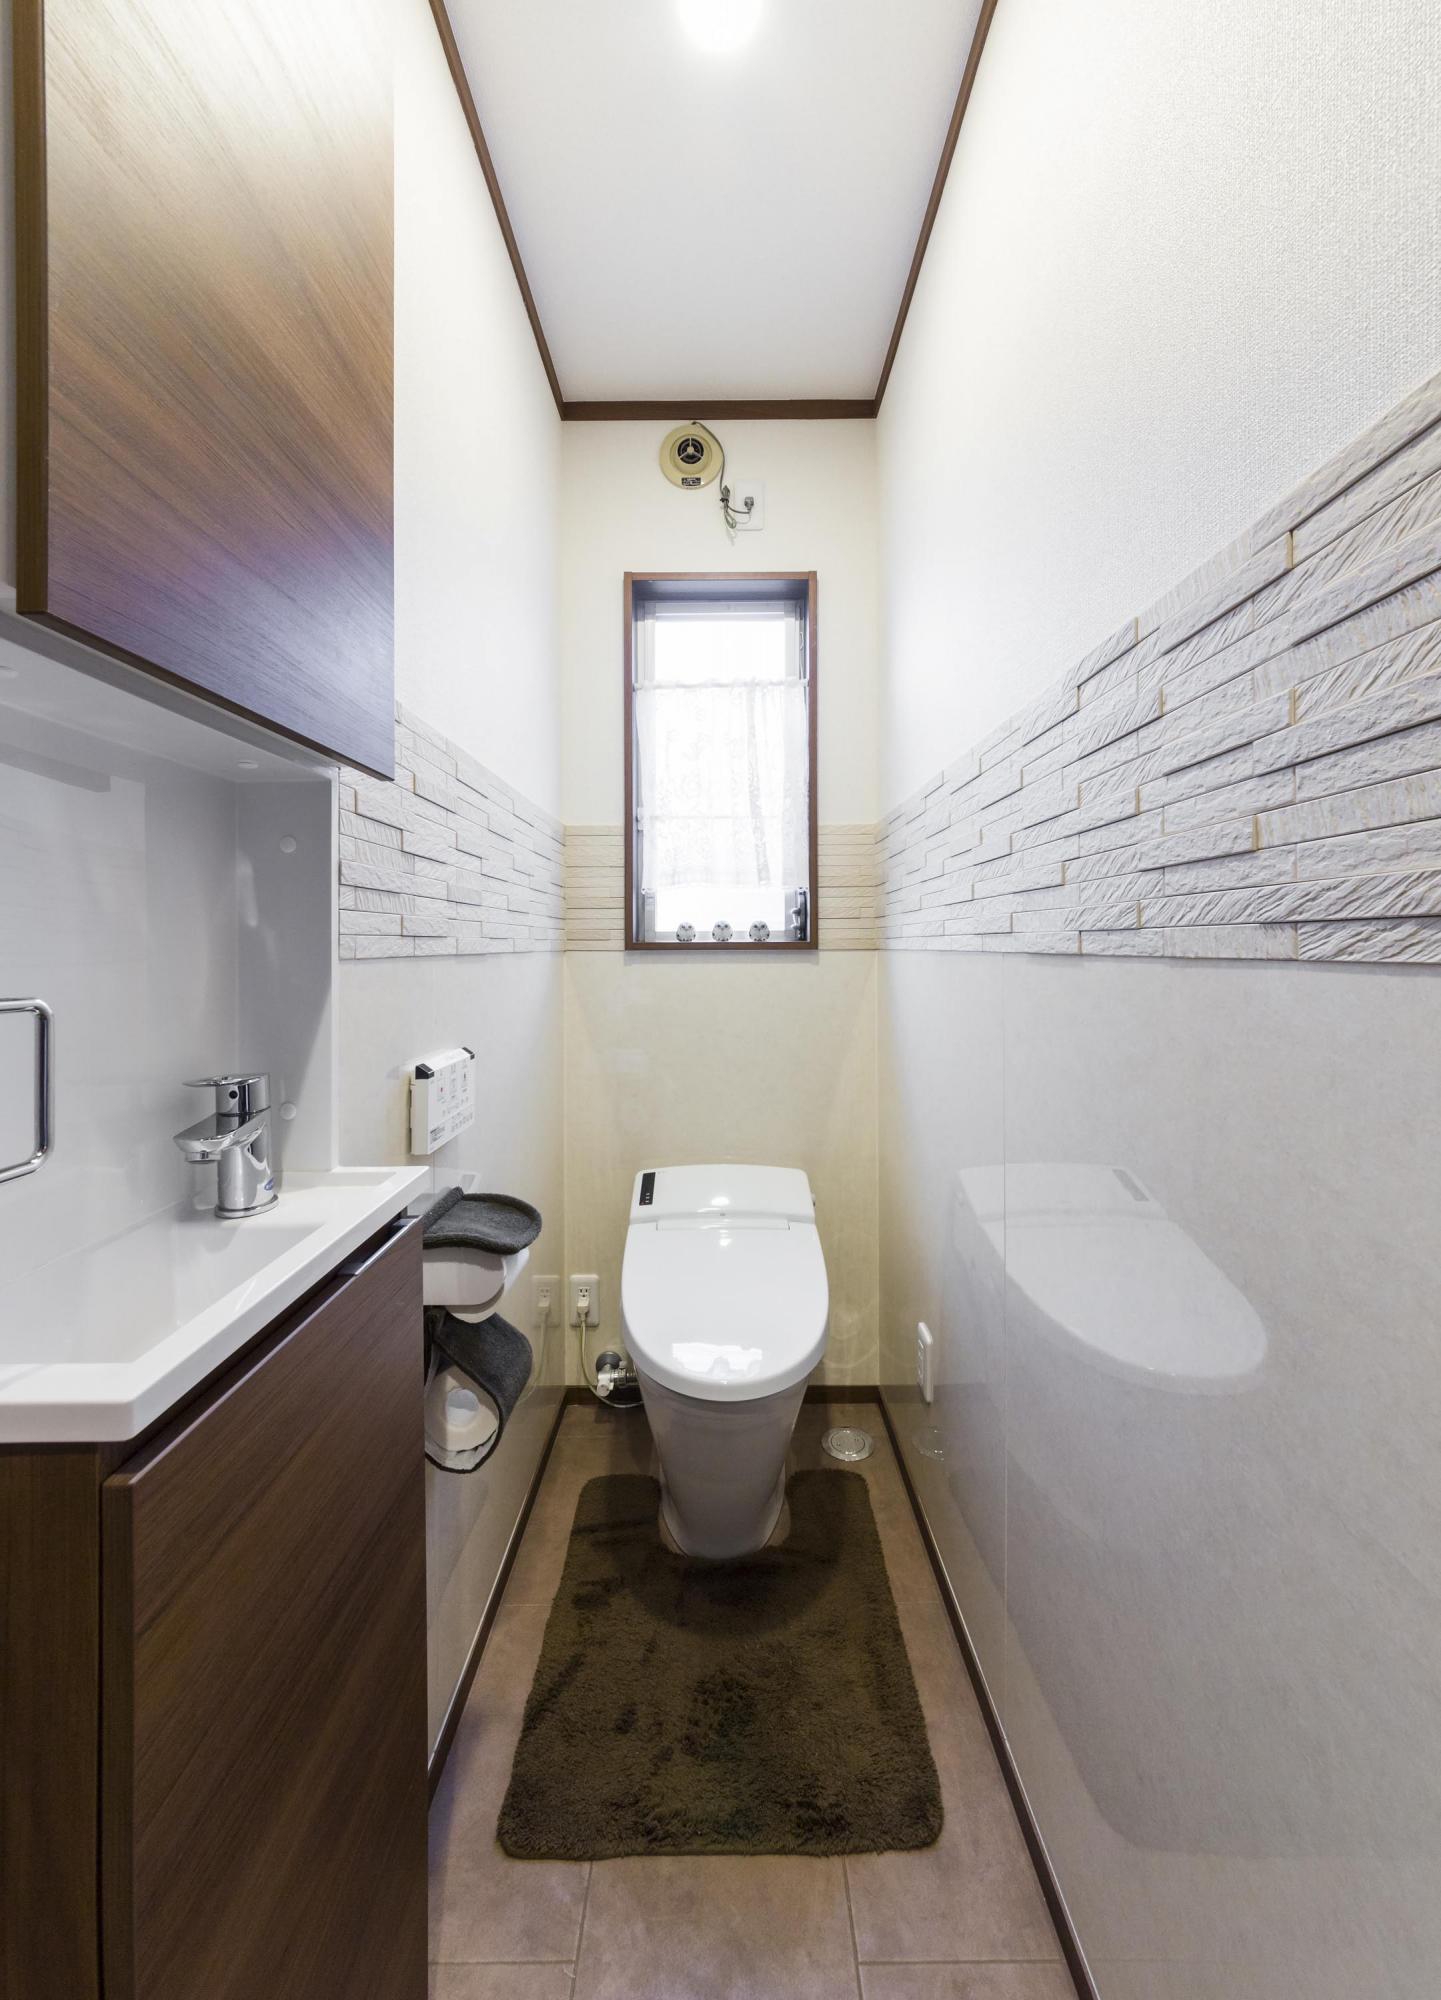 トイレの入り口の段差を解消し、壁の一部にはエコカラットを貼って心地良い空間に。新たに収納スペースと手洗い場も設けた。